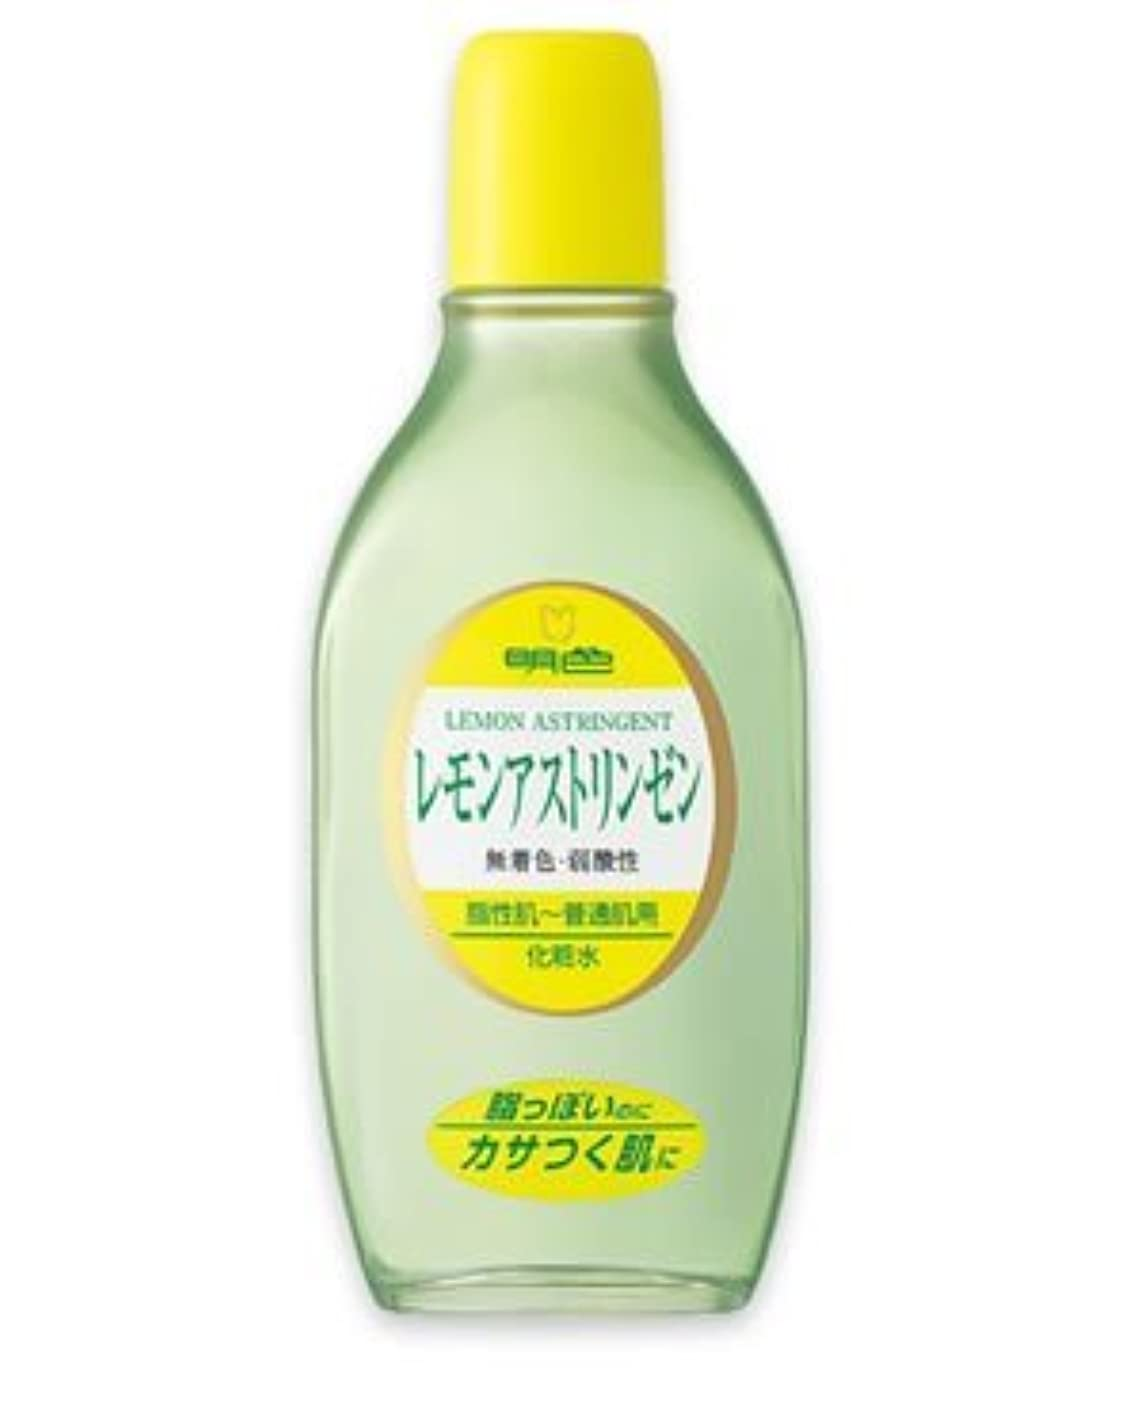 タイマークルーズパーティー(明色)レモンアストリンゼン 170ml(お買い得3本セット)